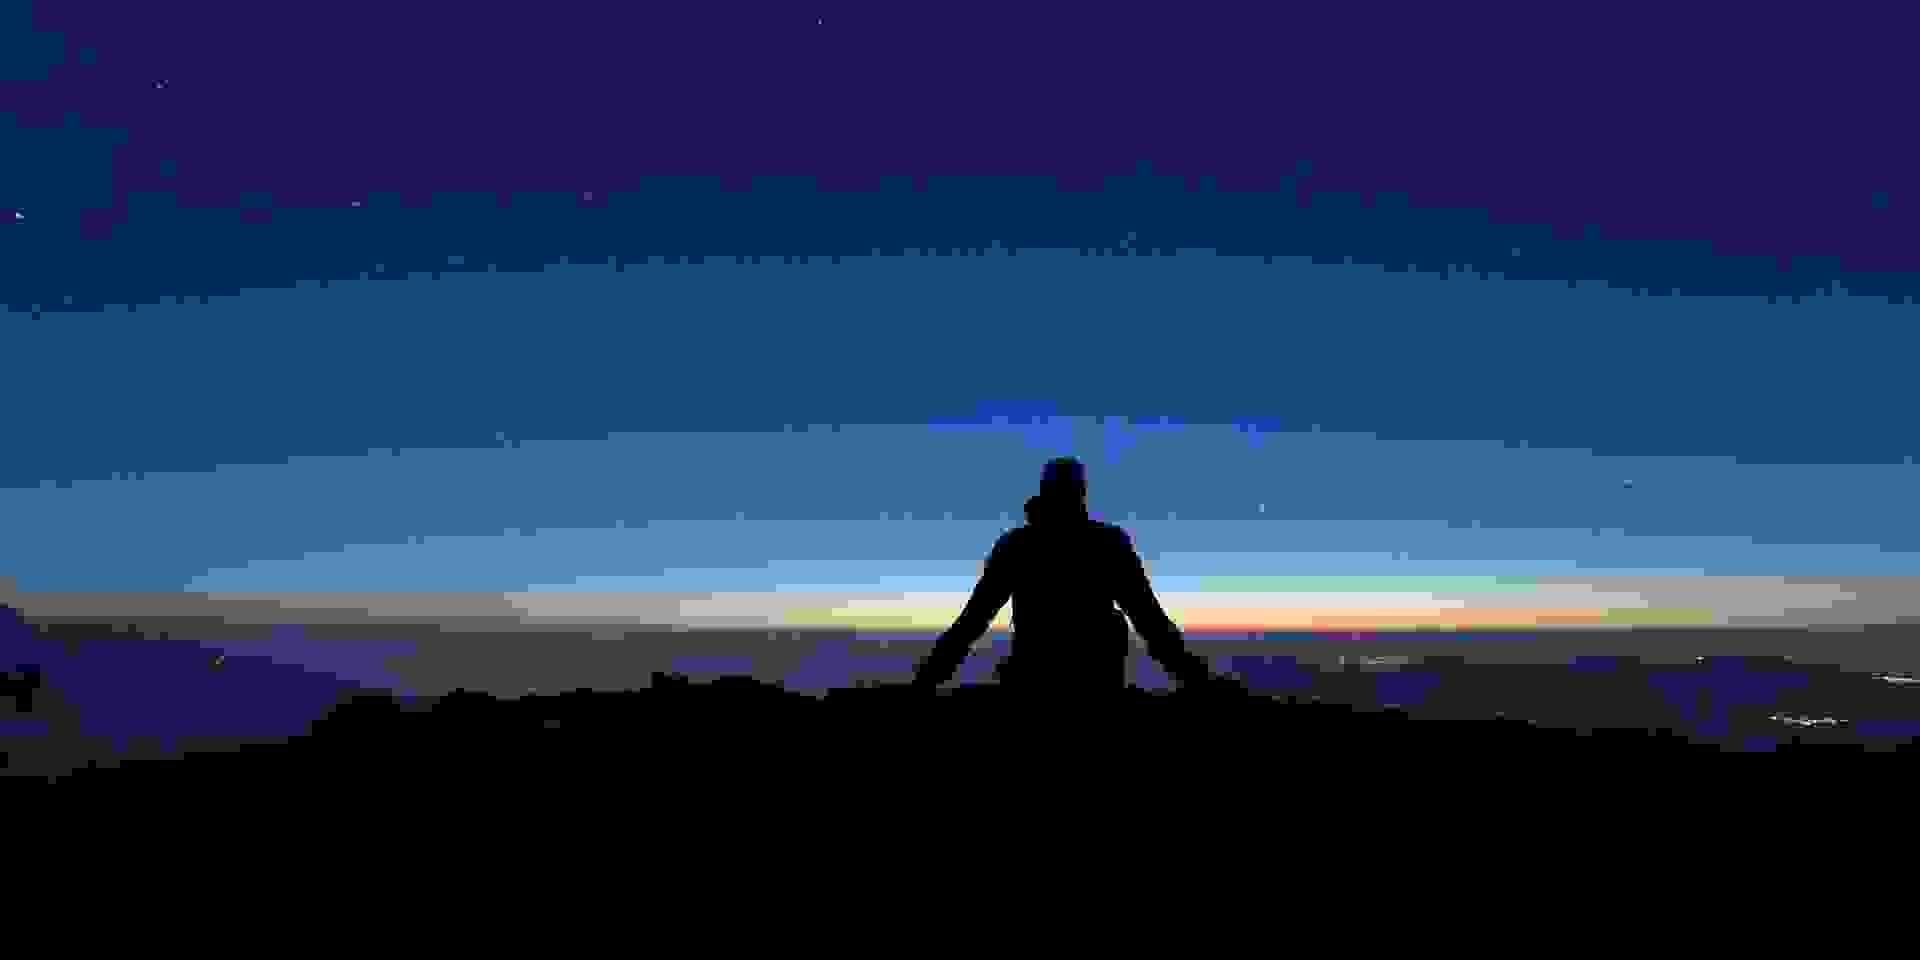 Ein Wanderer Blickt auf ein nächtliches Bergpanorama.